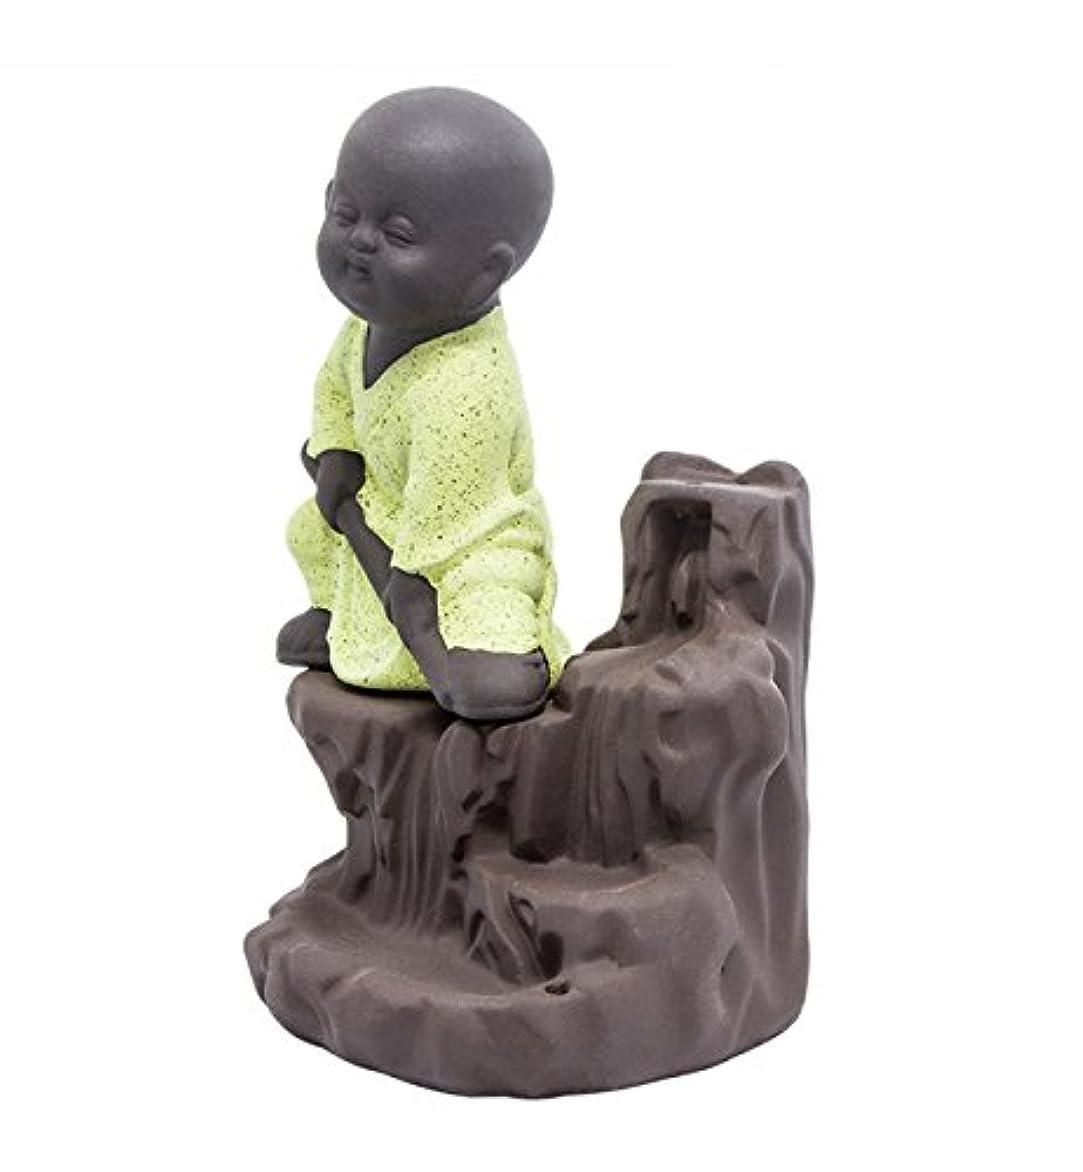 校長フォーマット飾る逆流香炉タワーCones Sticks Little Monkホルダーセラミック磁器Buddha Monk Ashキャッチャーby Simon & # xff08 ;イエロー& # xff09 ;